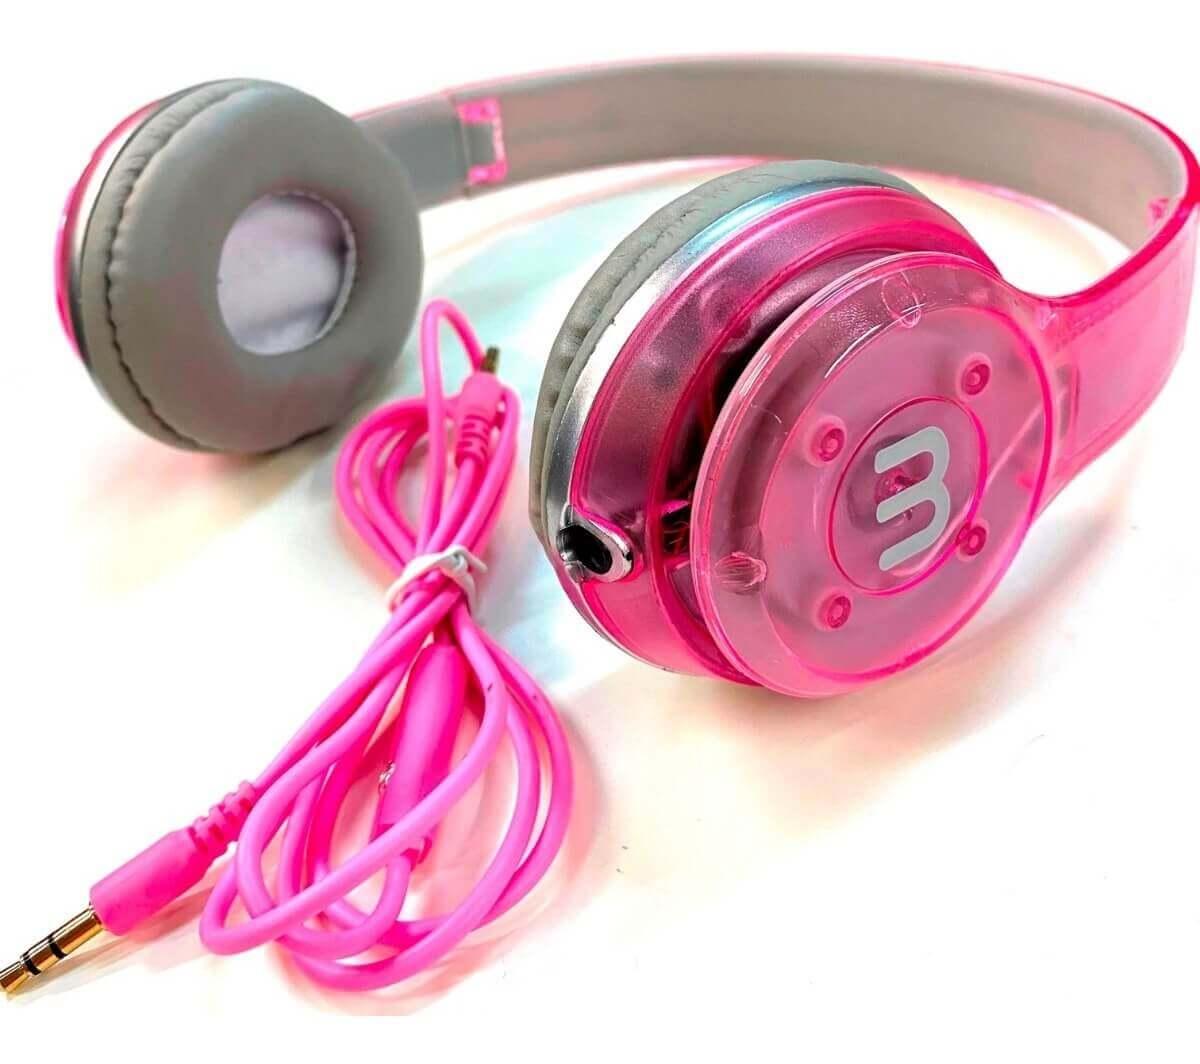 Fone de Ouvido com Fio F9355 Favix